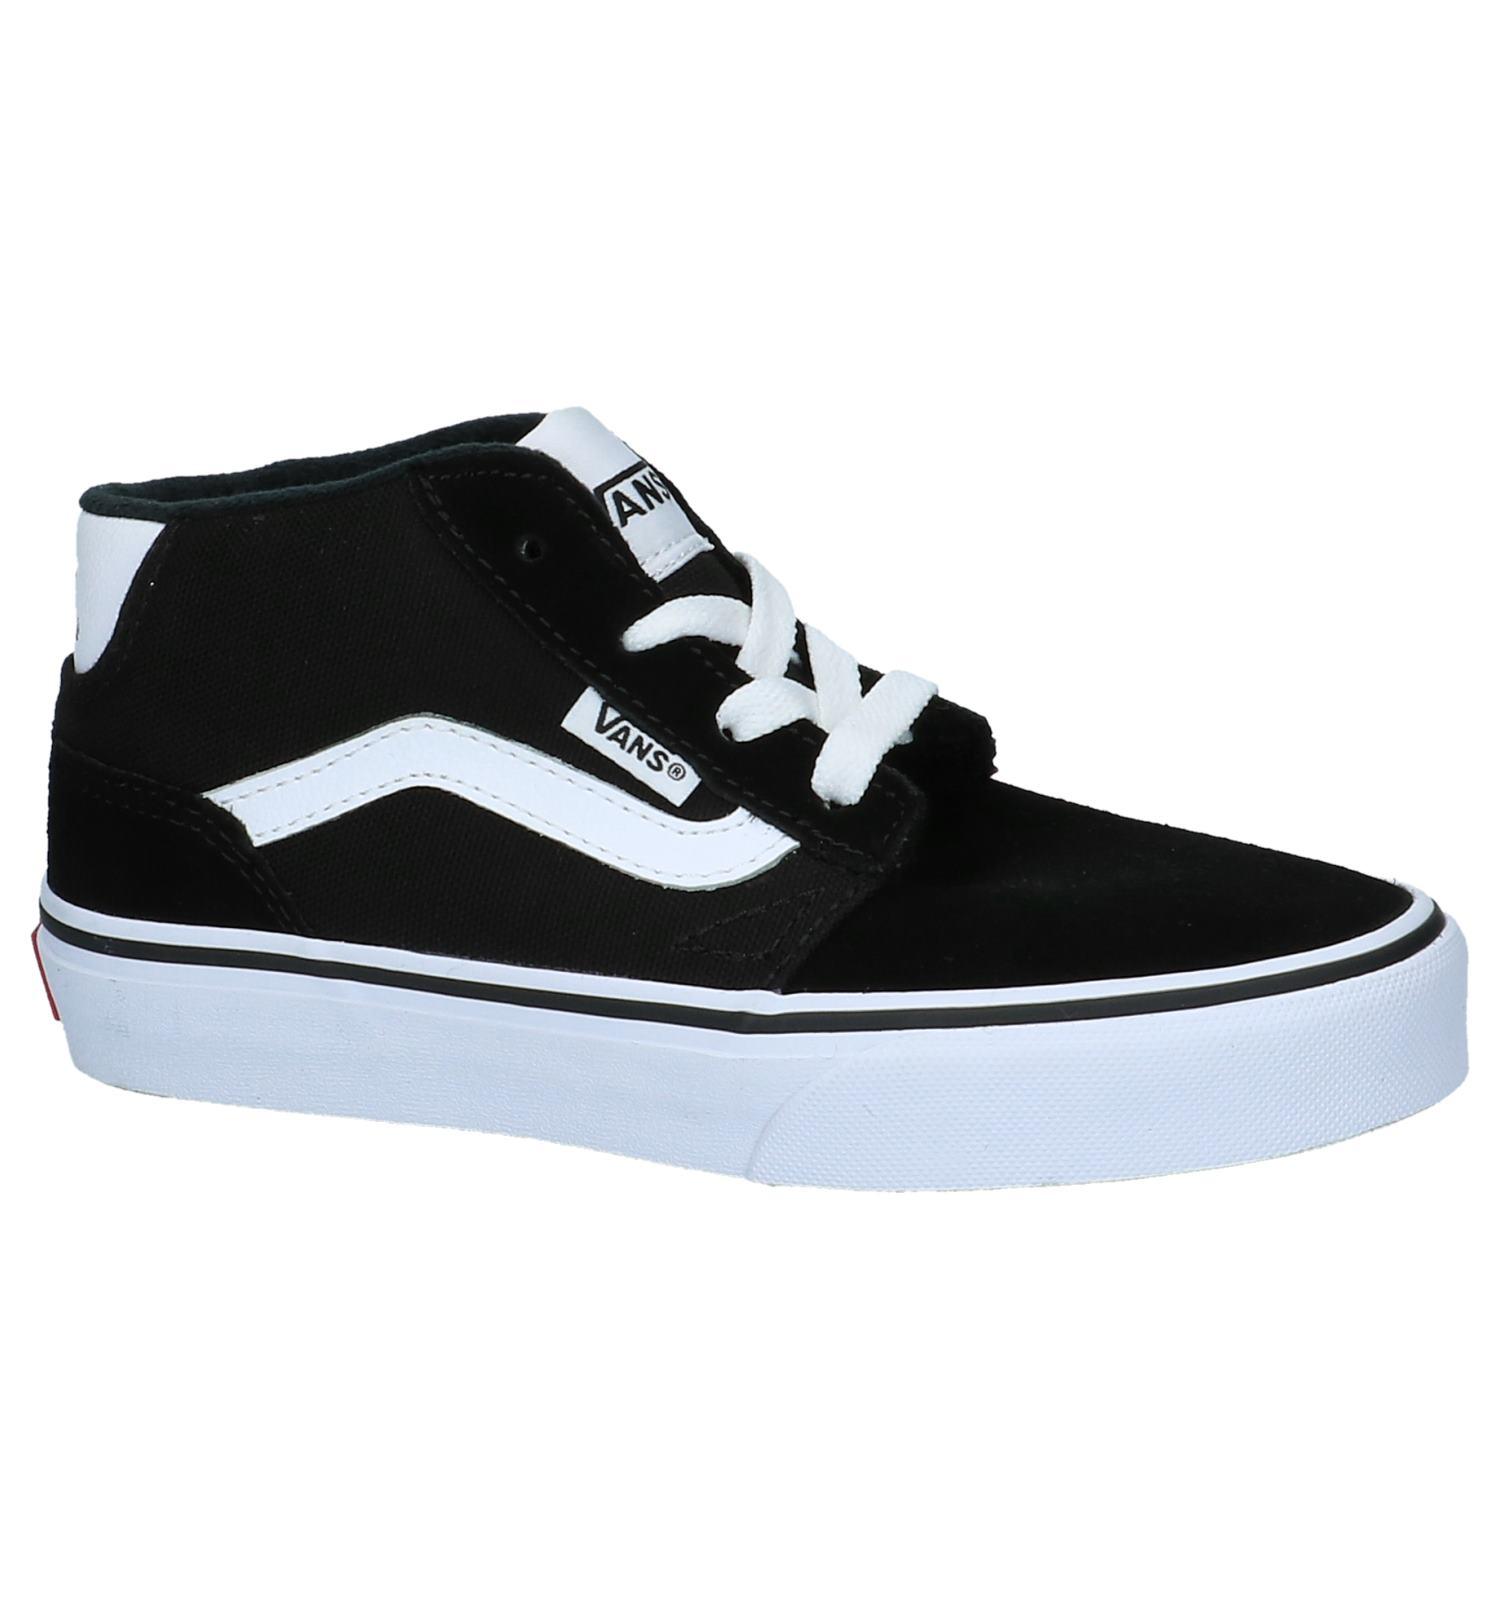 8ef26707482 Zwarte Hoge Skateschoenen Vans YT Chapman Mid | TORFS.BE | Gratis verzend  en retour